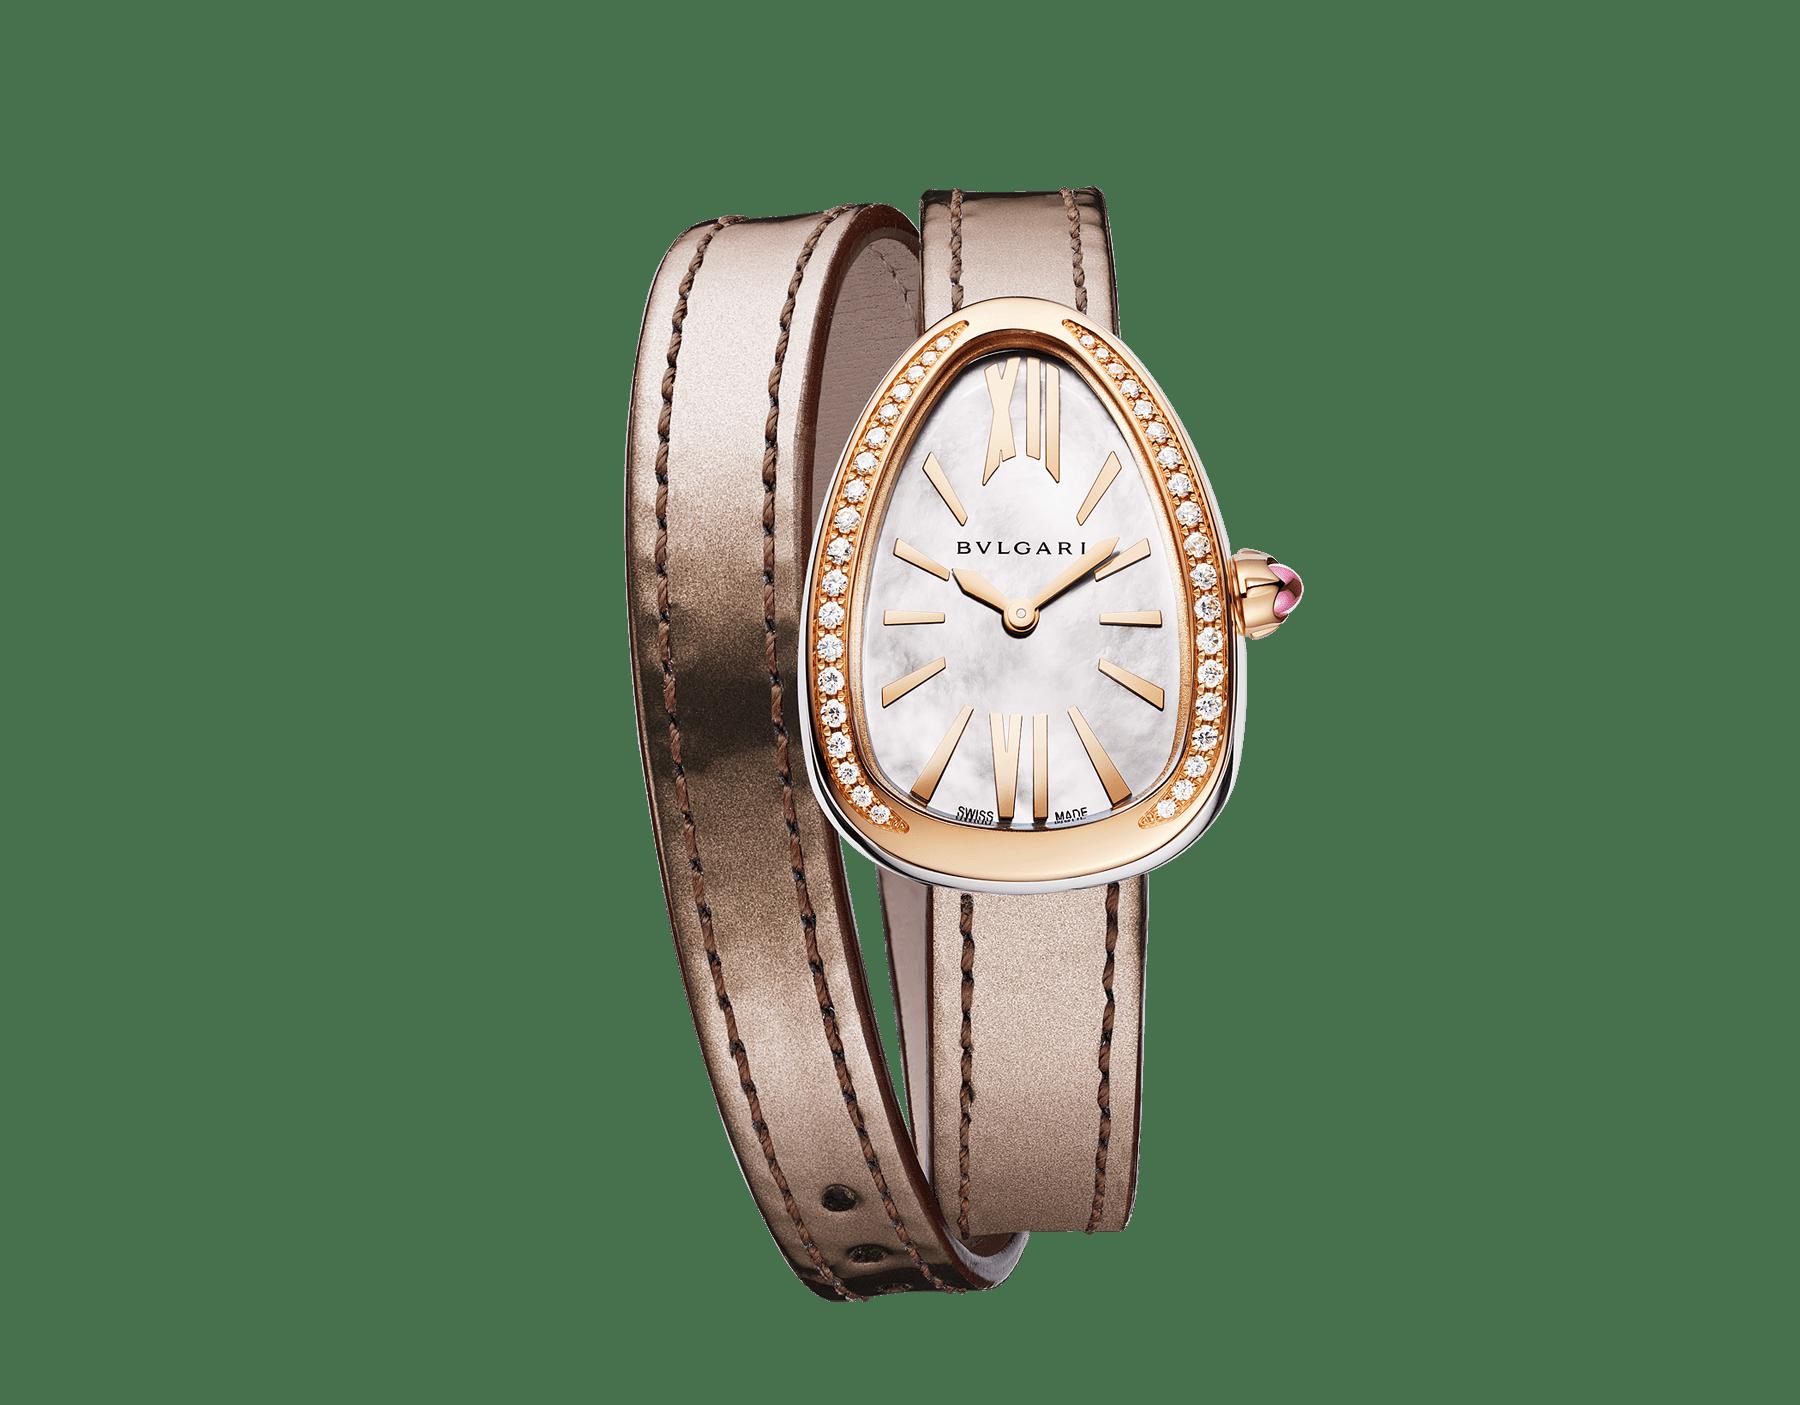 Relógio Serpenti com caixa em aço, bezel em ouro rosa 18K cravejado com diamantes redondos lapidação brilhante, mostrador em madrepérola branca e pulseira de duas voltas intercambiável em couro marrom 103059 image 1